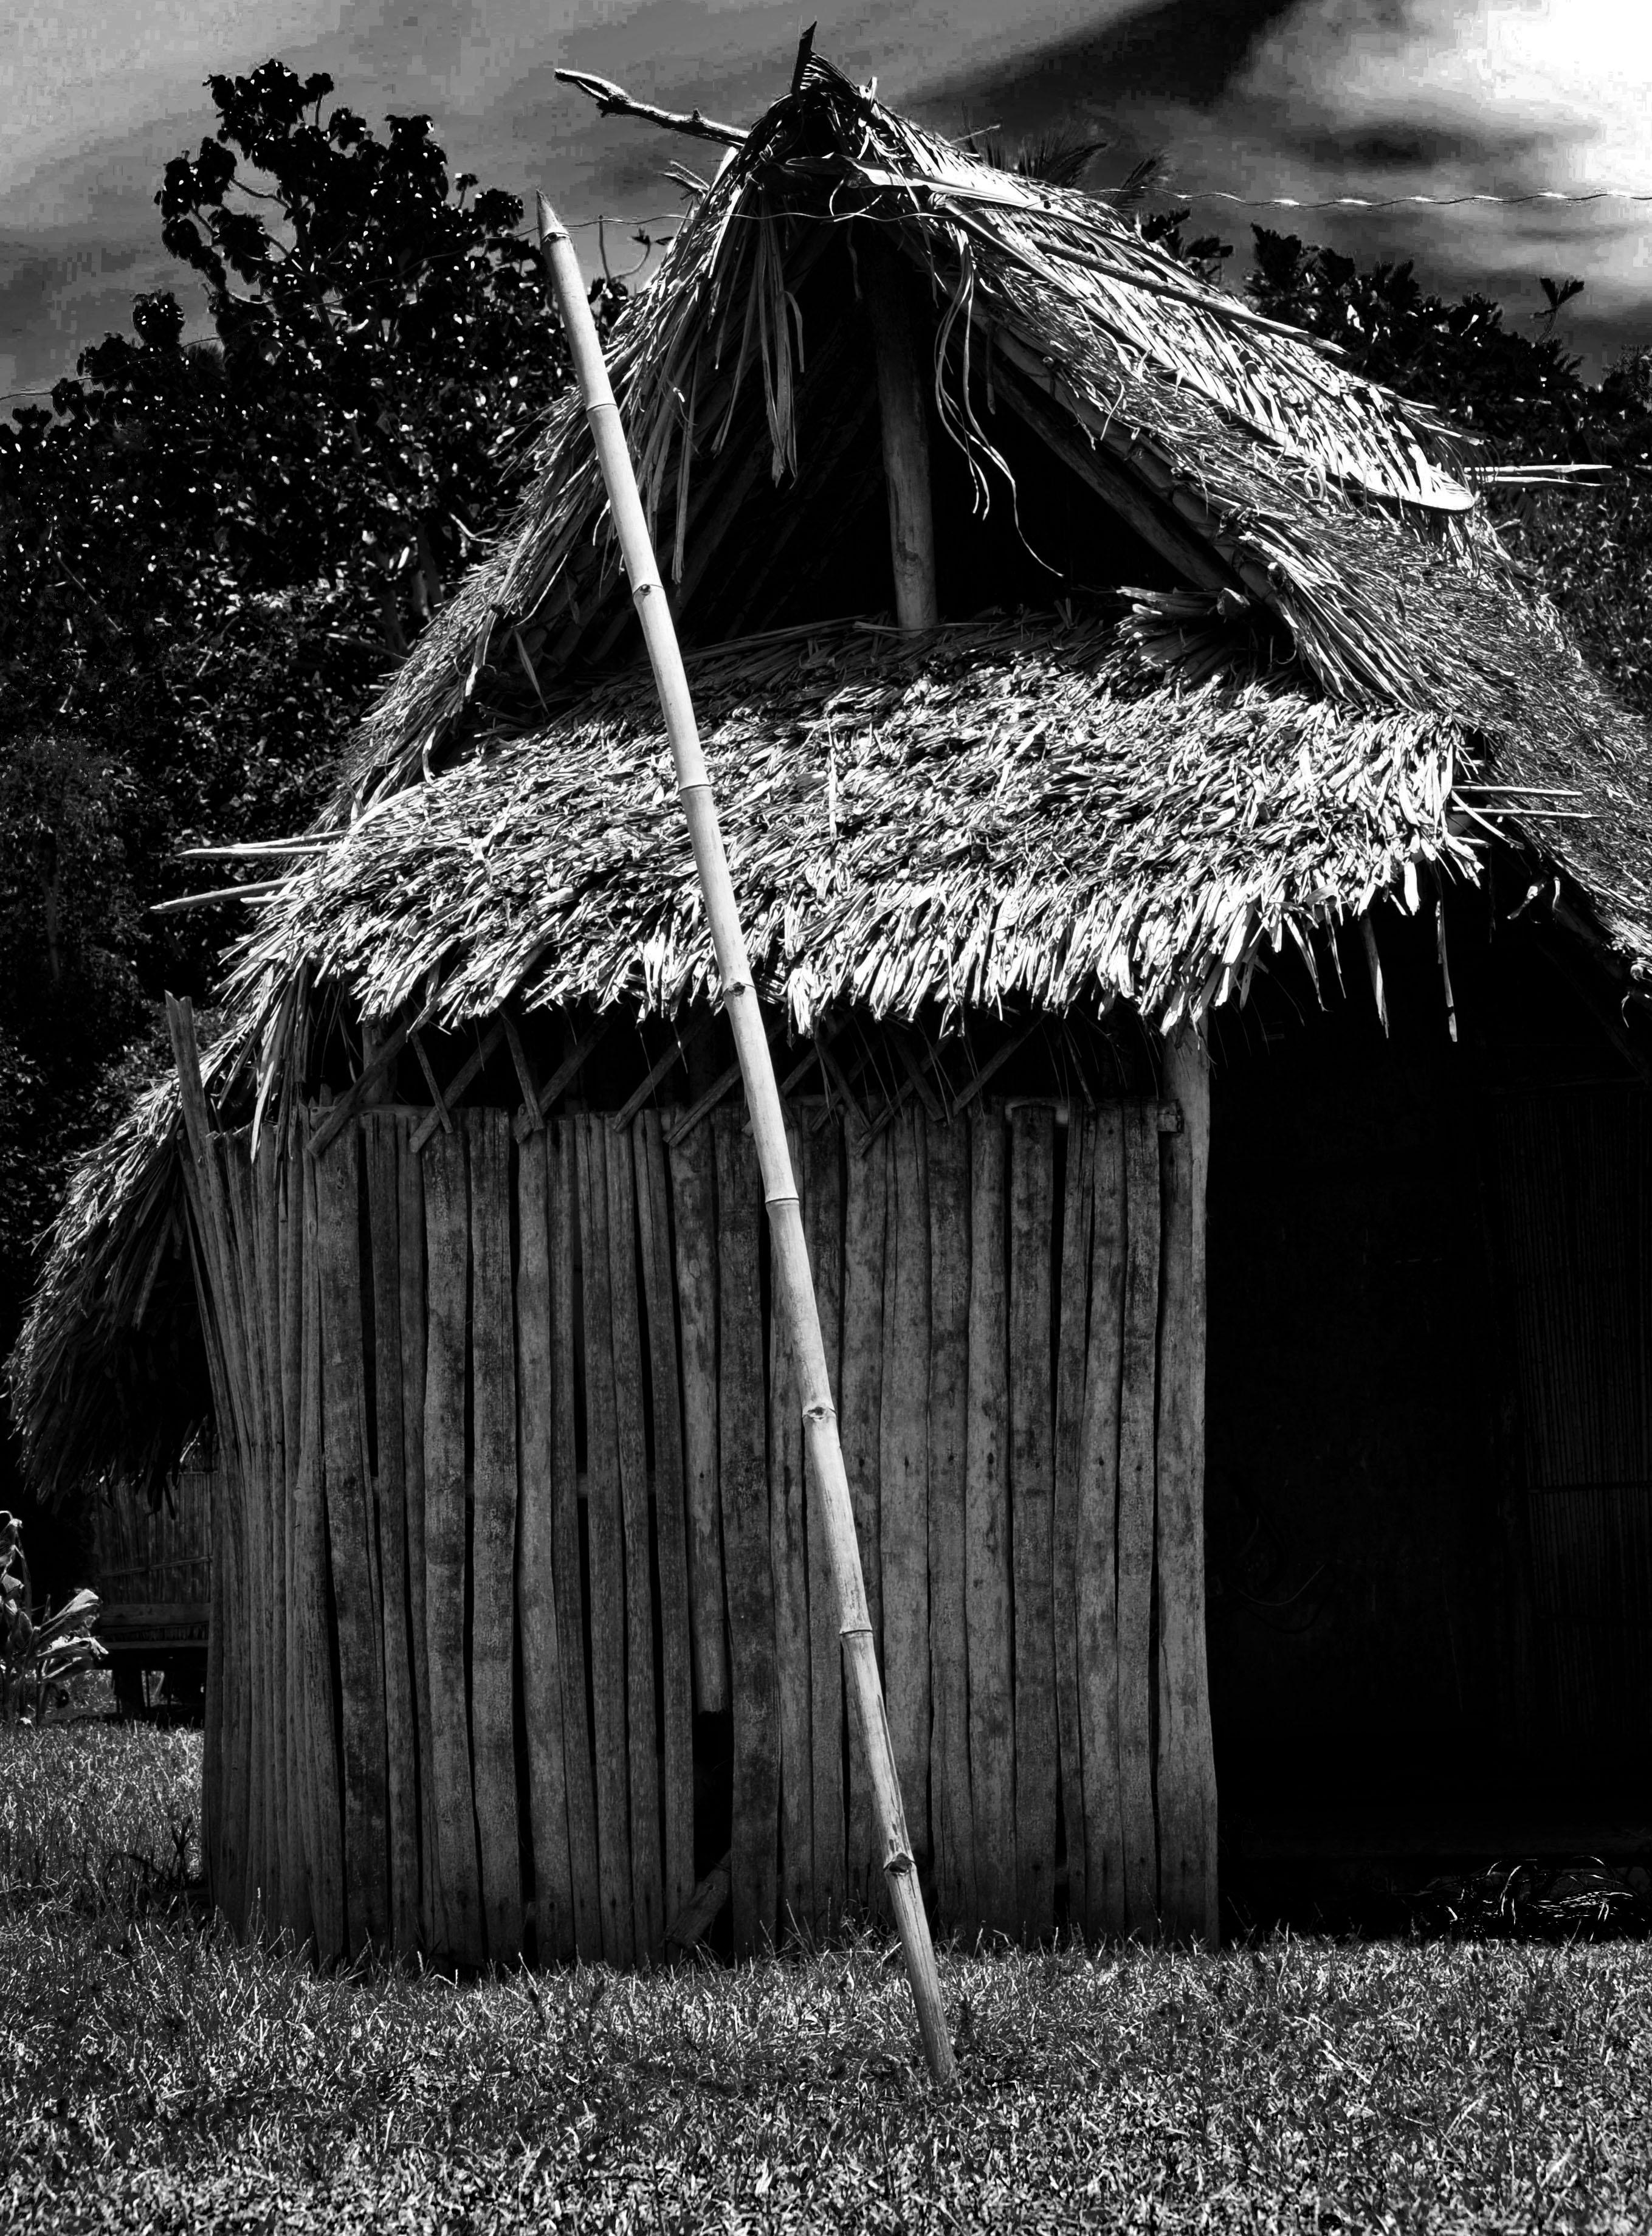 Tanna Village Hut